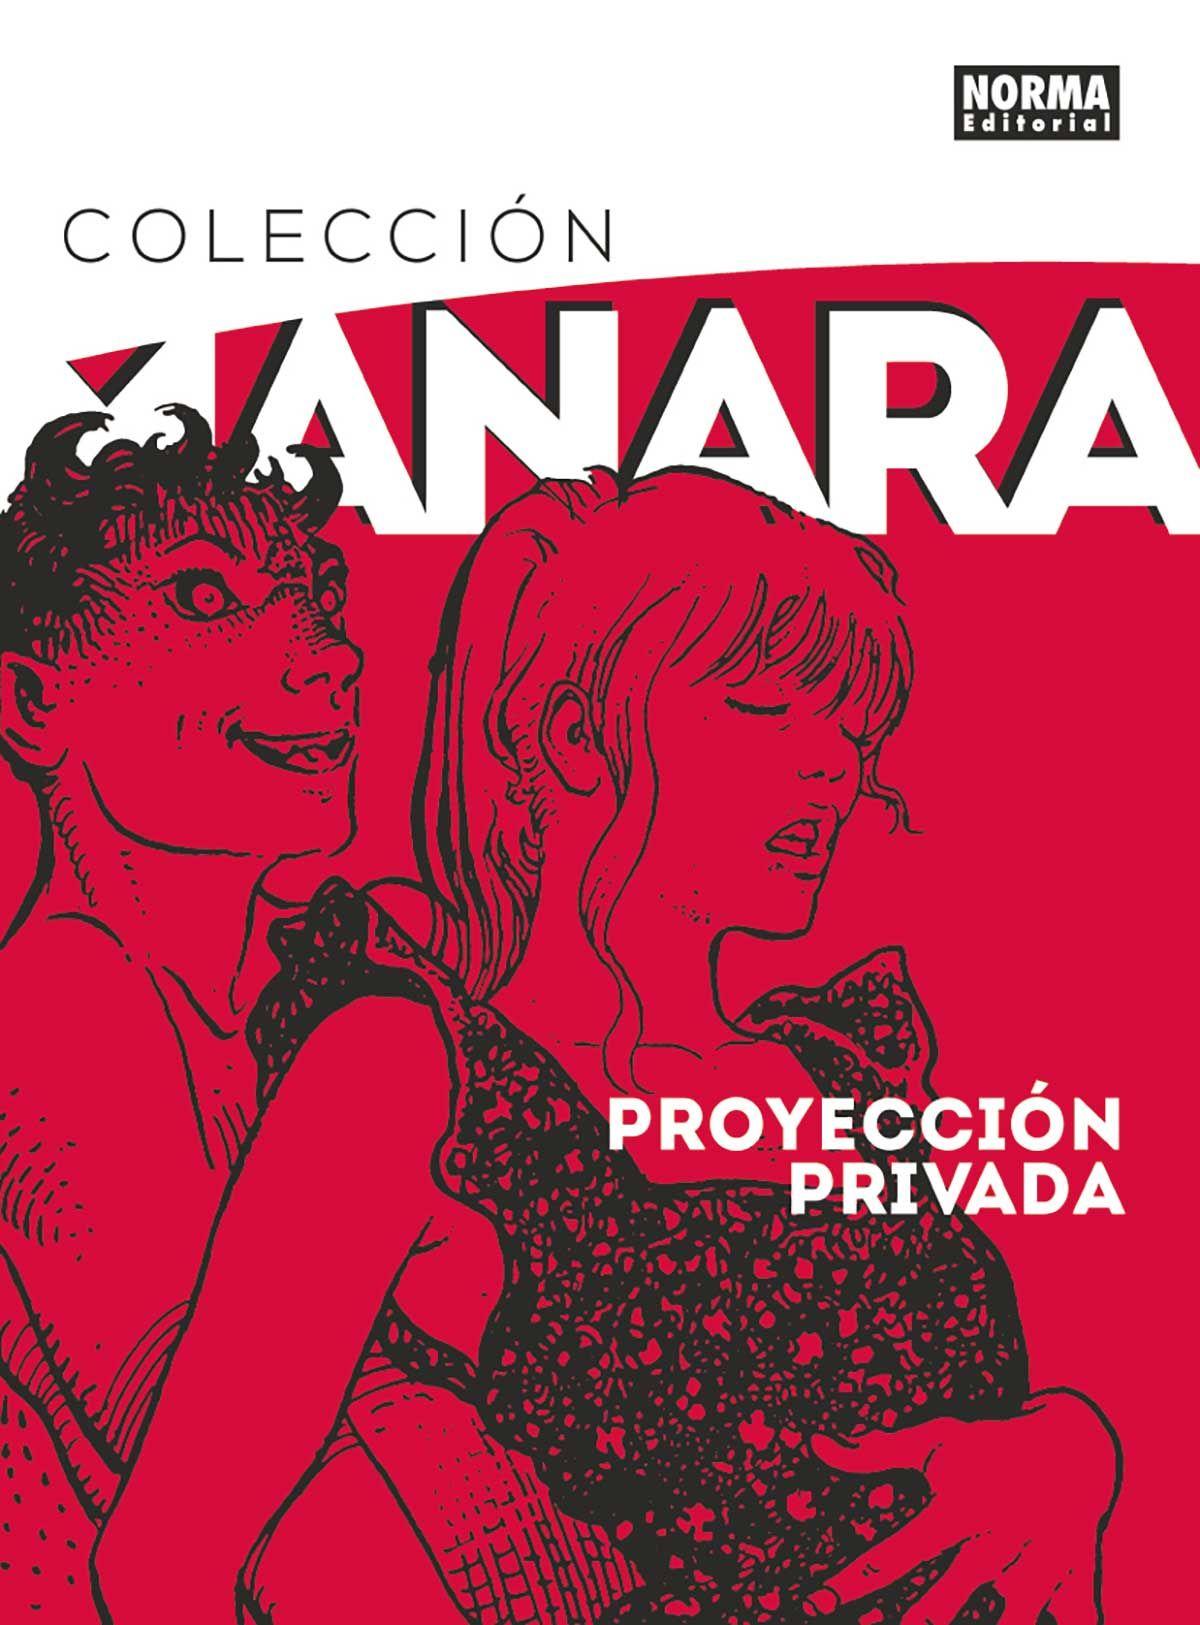 COLECCIÓN MANARA 9 PROYECCIÓN PRIVADA